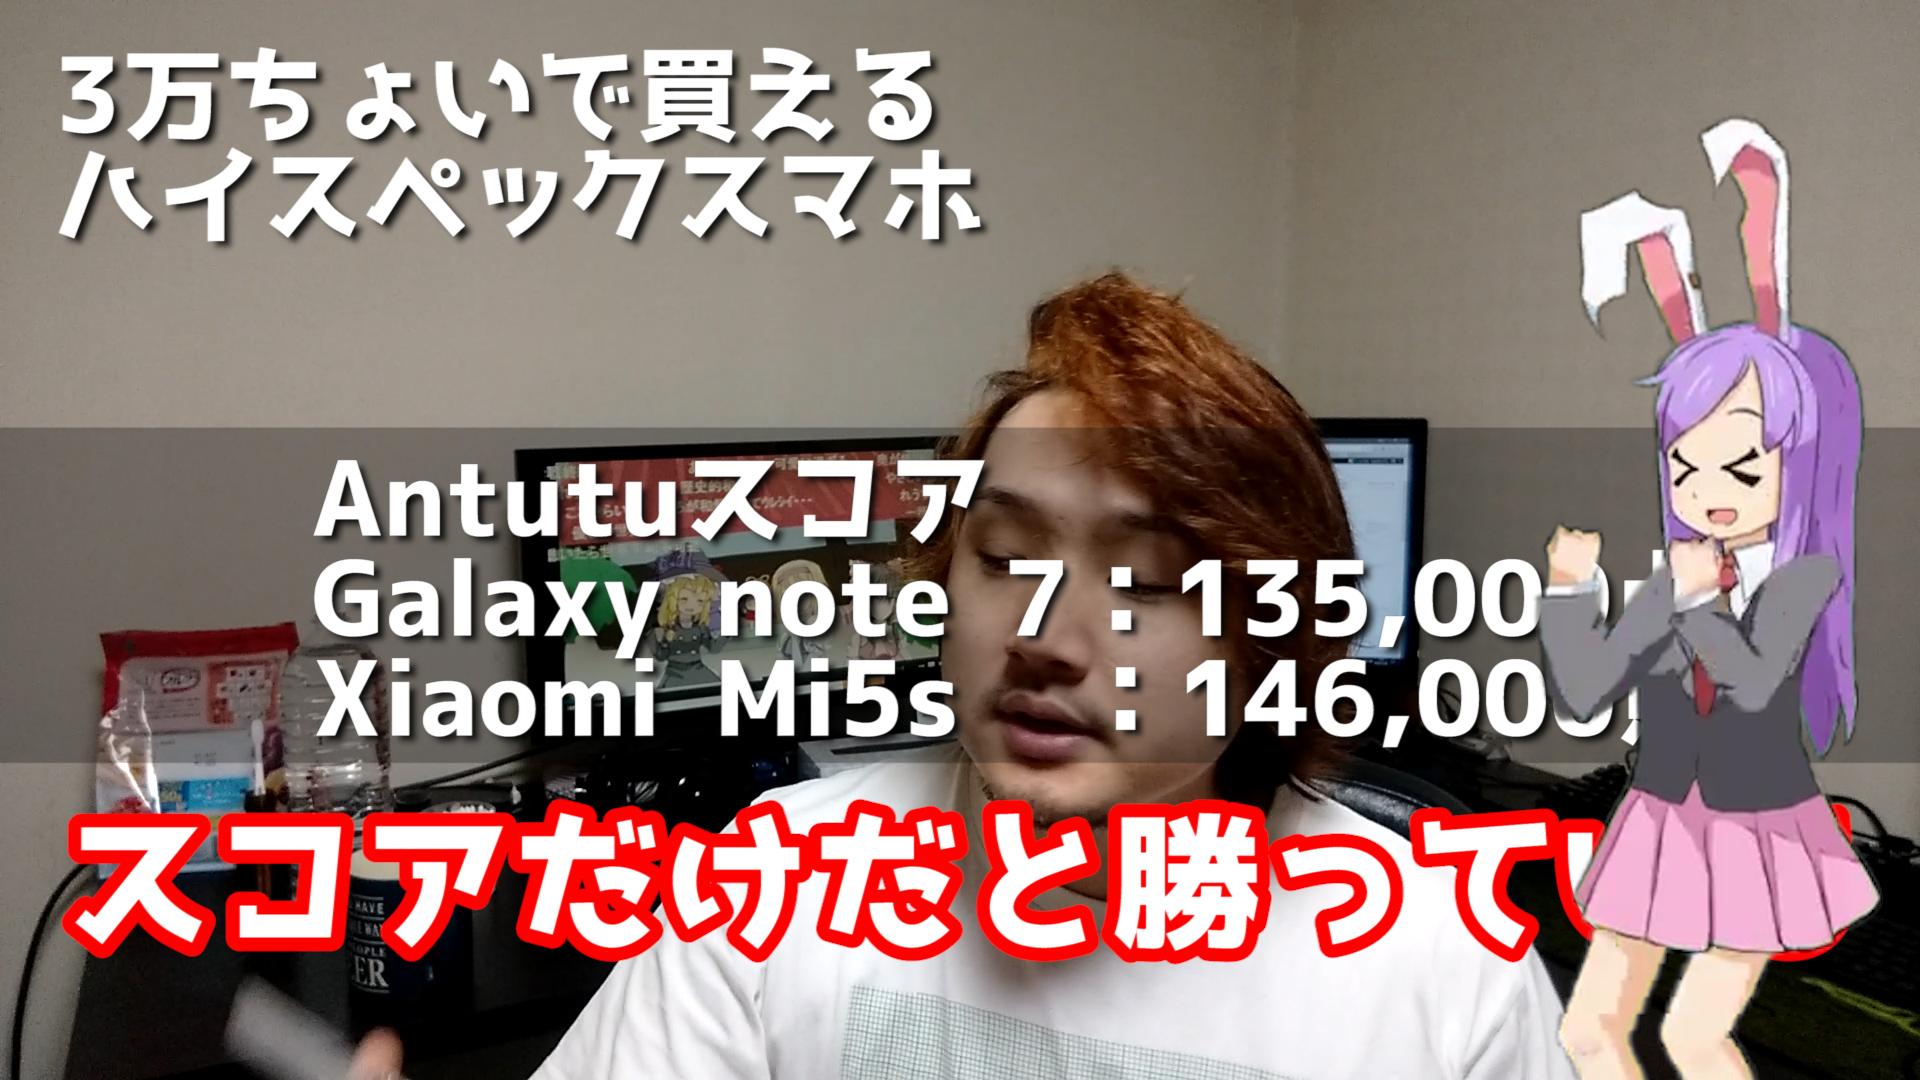 【中華スマートフォン】コスパ最強のXiaomi Mi5sを15日間使ってわかっとこと(まとめ動画)